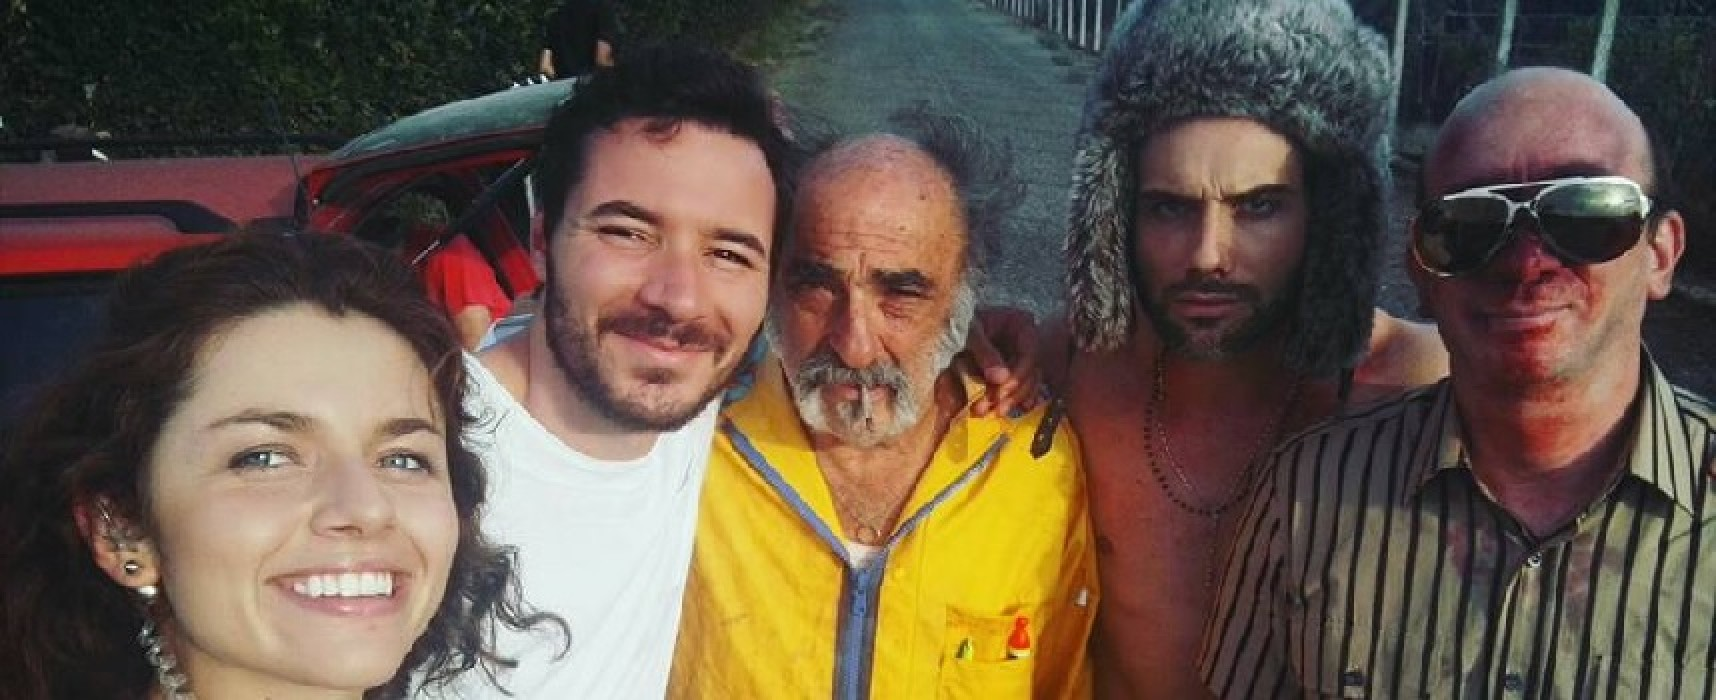 """Mauro Racanati al fianco di Alessandro Haber e Carlo de Ruggieri nel cortometraggio """"Insetti"""""""